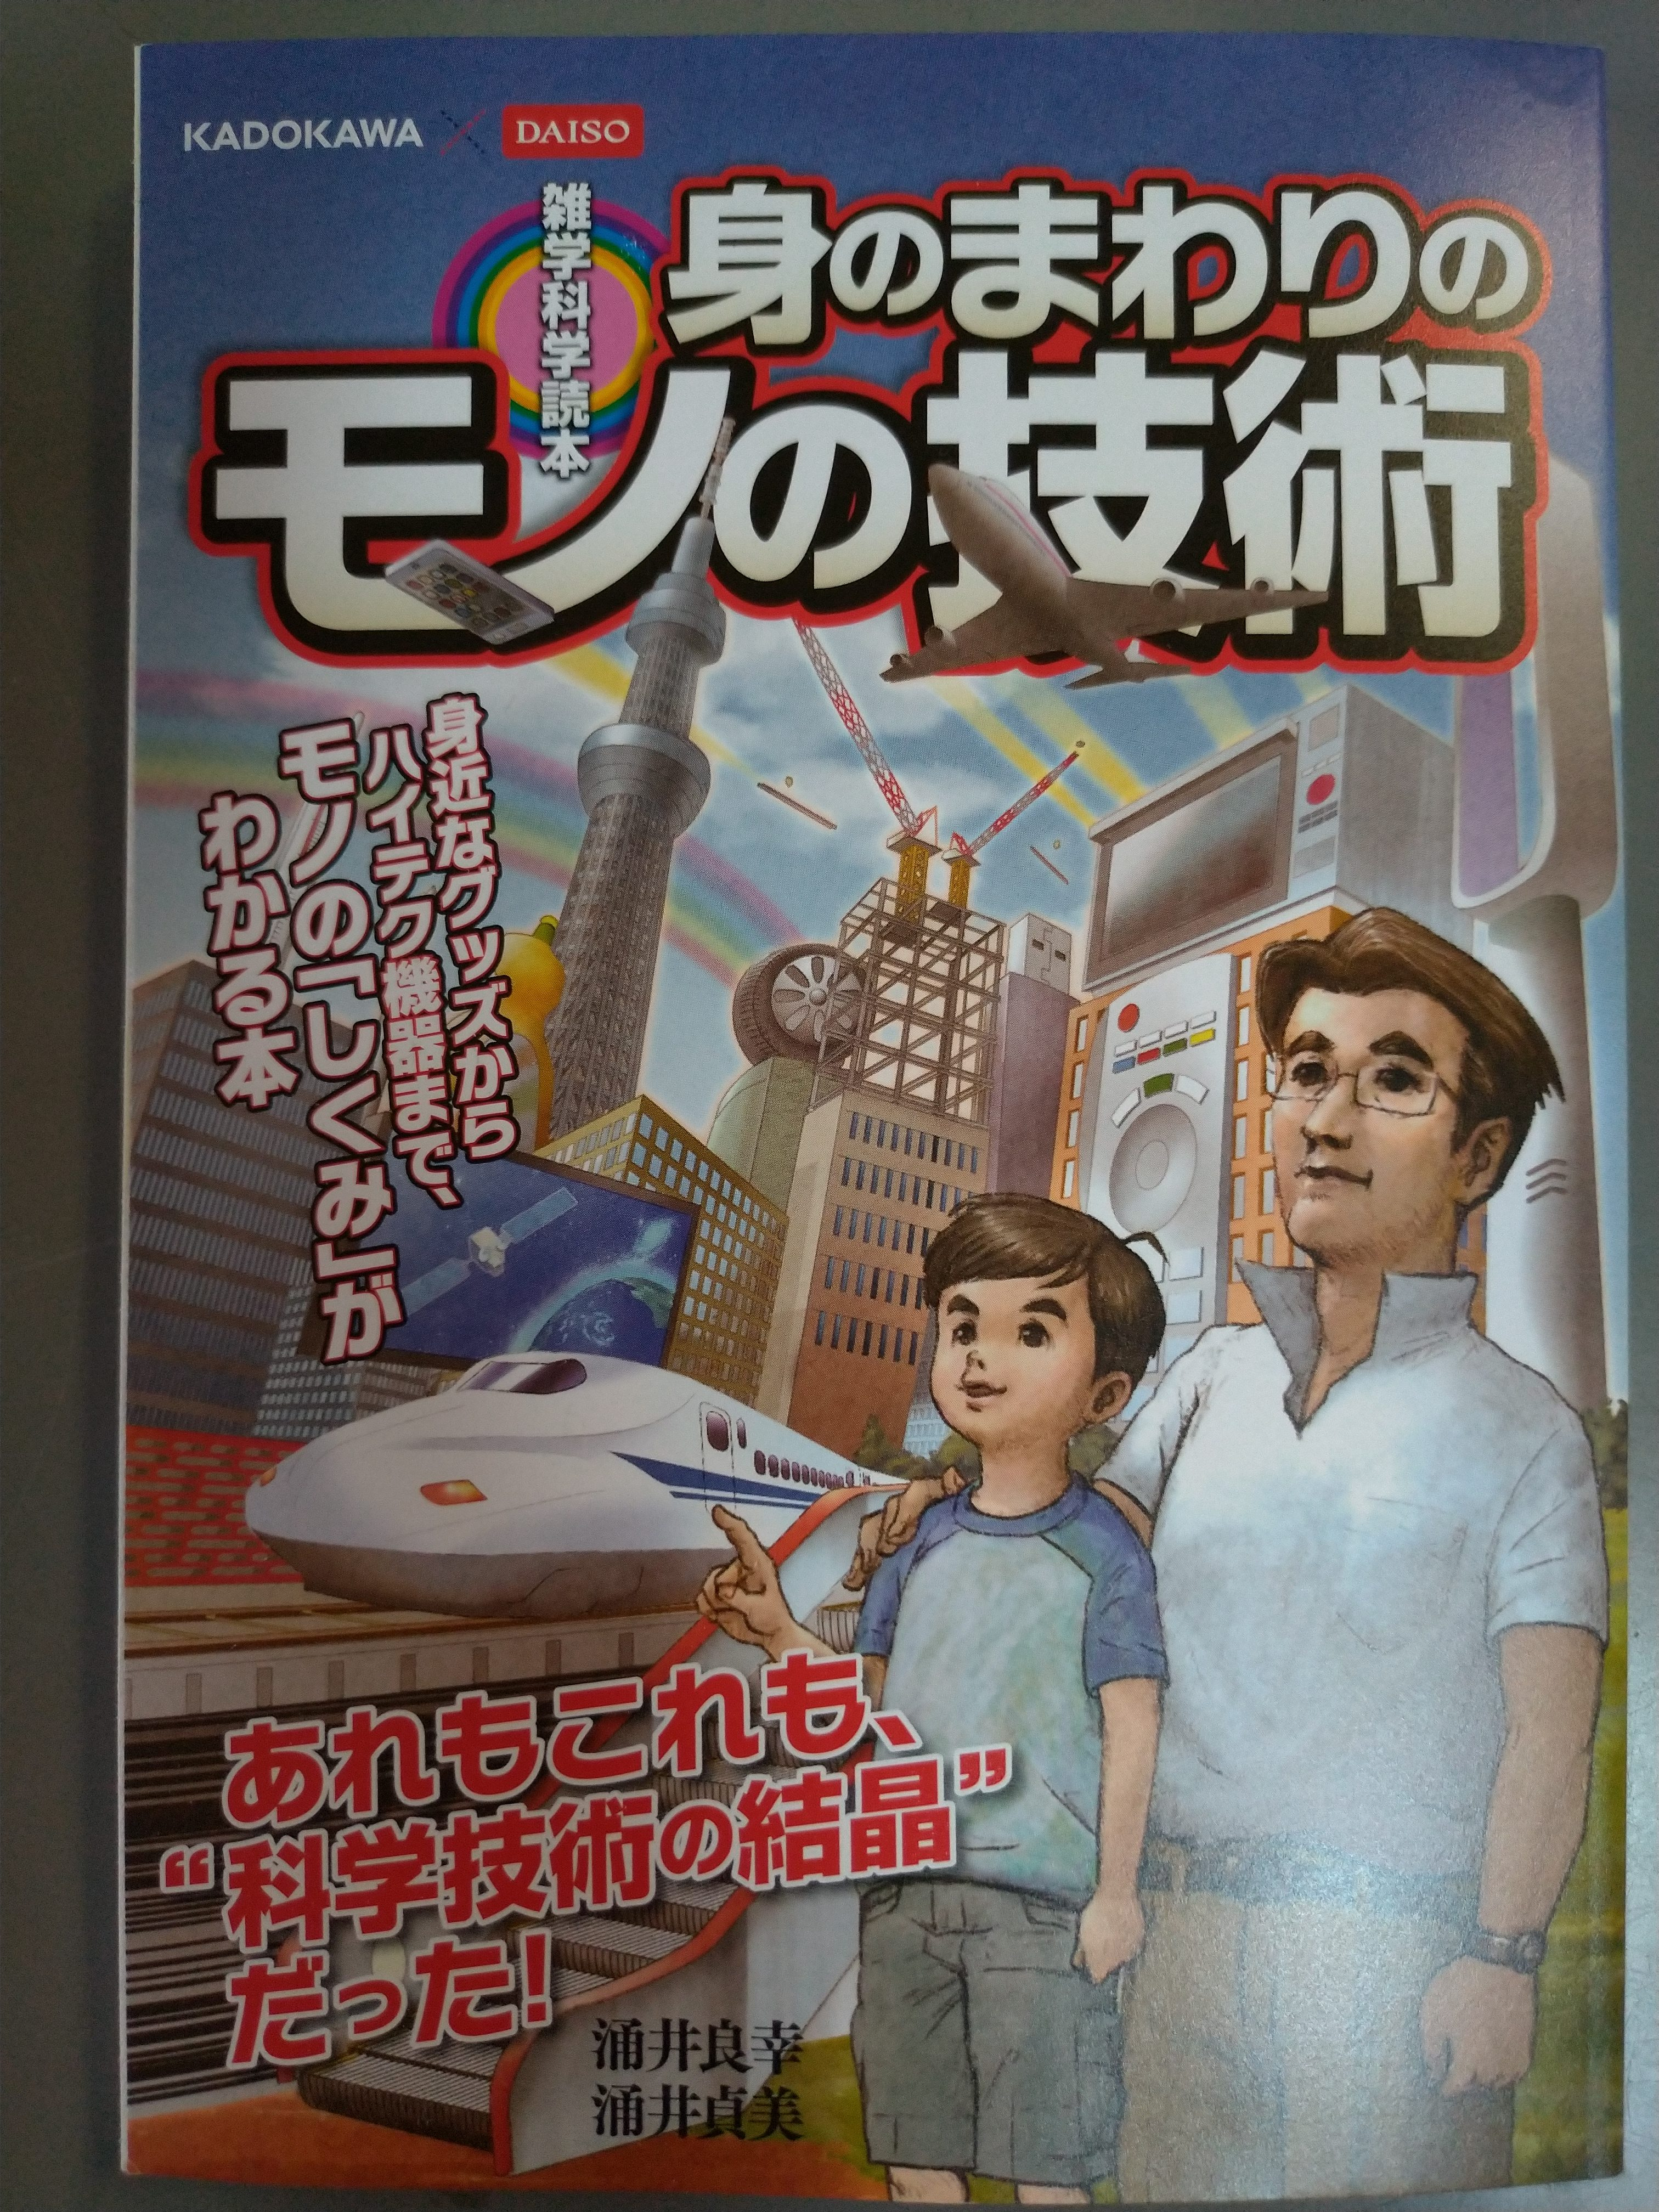 DAISOの雑学科学読本「身のまわりのモノの技術」がおもしろい!